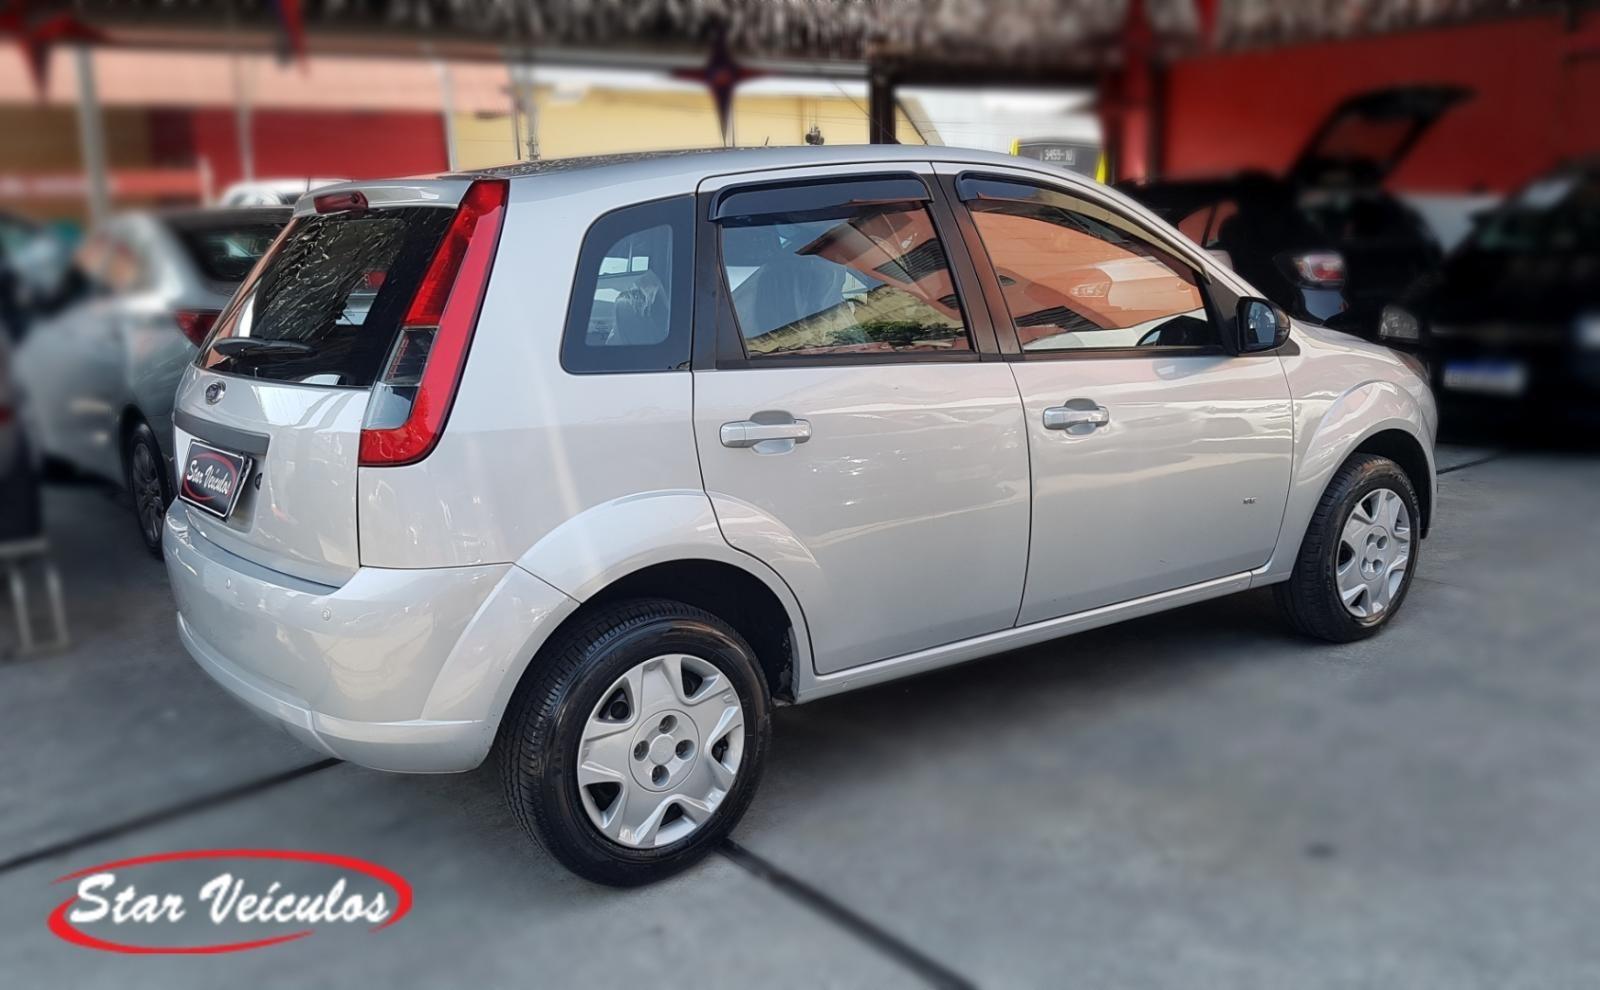 //www.autoline.com.br/carro/ford/fiesta-10-hatch-rocam-se-8v-flex-4p-manual/2014/sao-paulo-sp/12345404